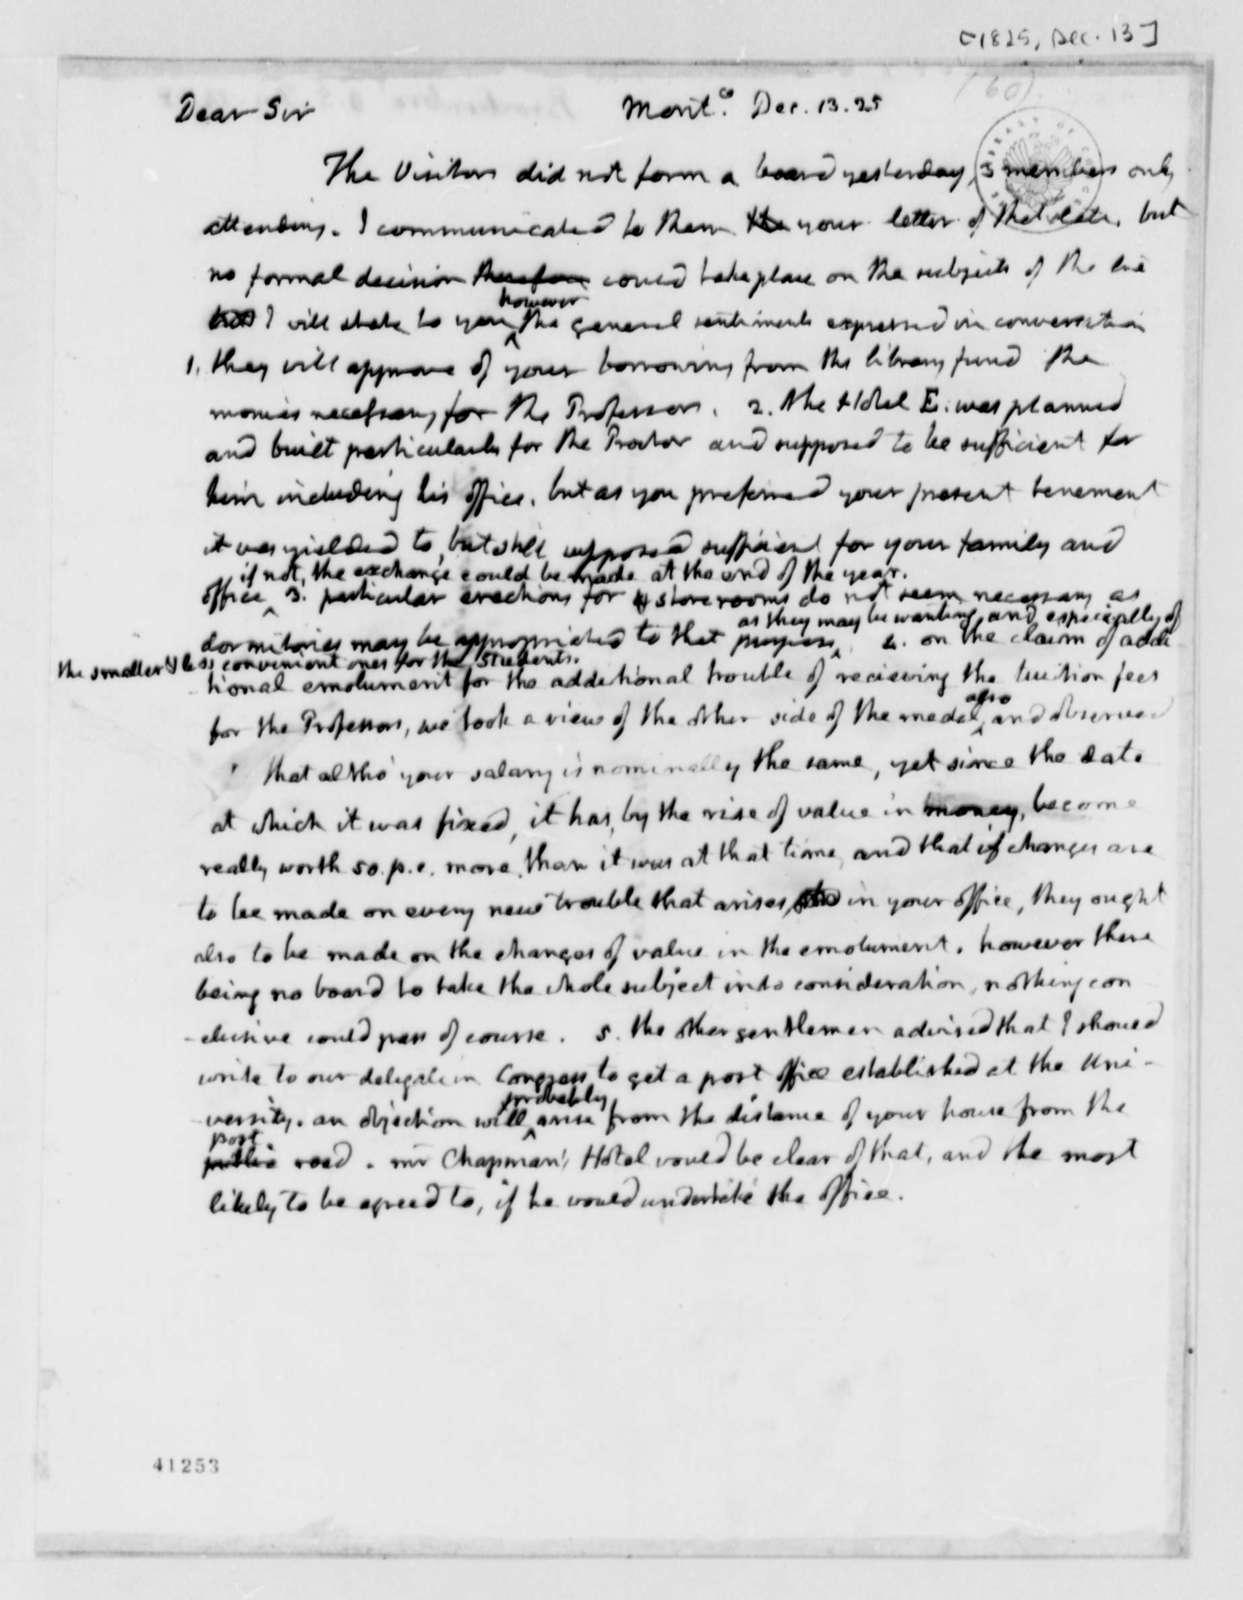 Thomas Jefferson to Arthur S. Brockenbrough, December 13, 1825